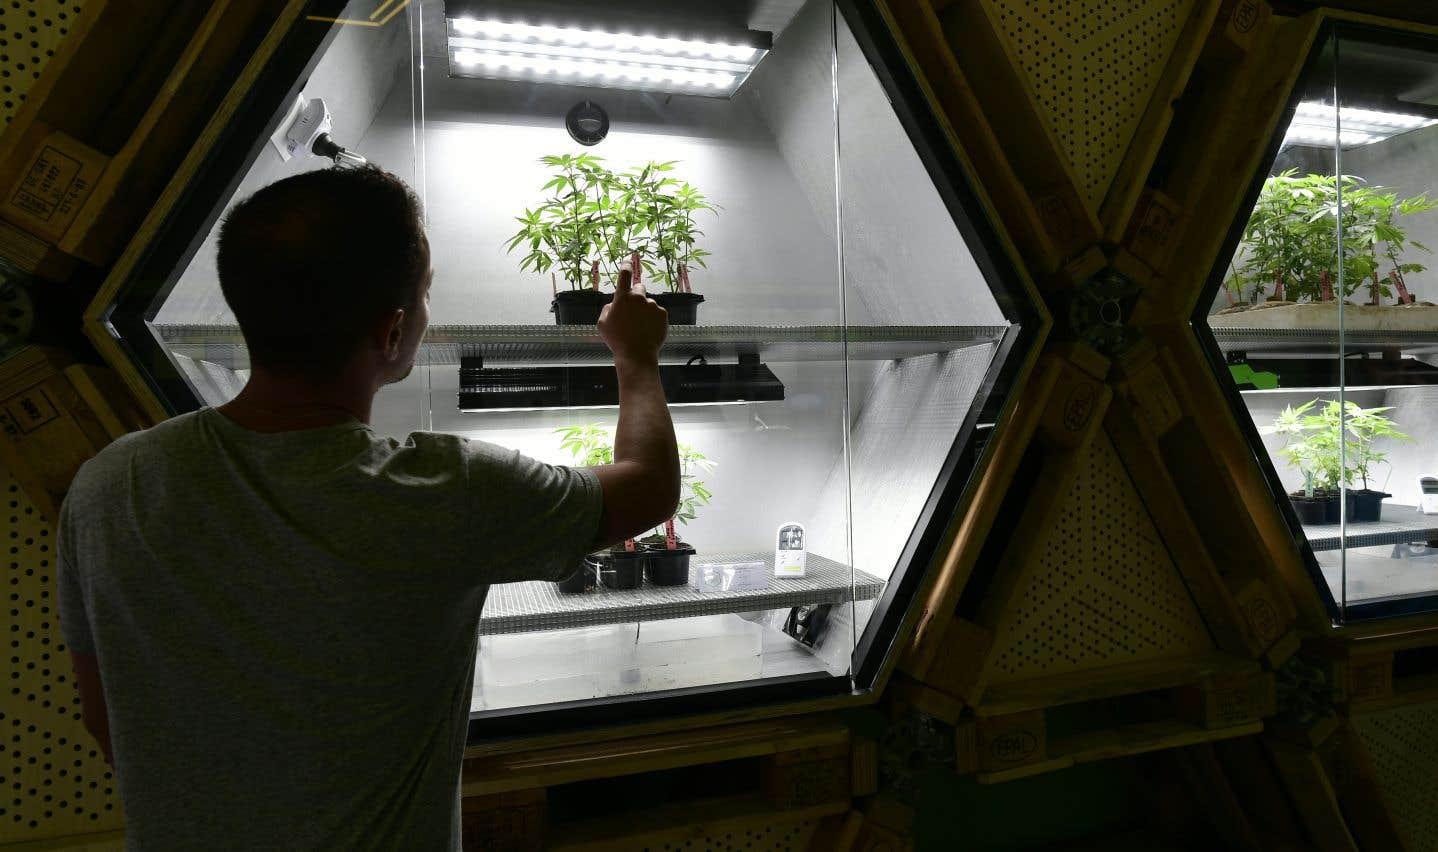 Au Québec, si les activités de distribution et de vente du cannabis contrôlées par les organisations criminelles périclitent, plusieurs centaines, voire des milliers de «travailleurs» perdront leur emploi, souligne l'auteur.